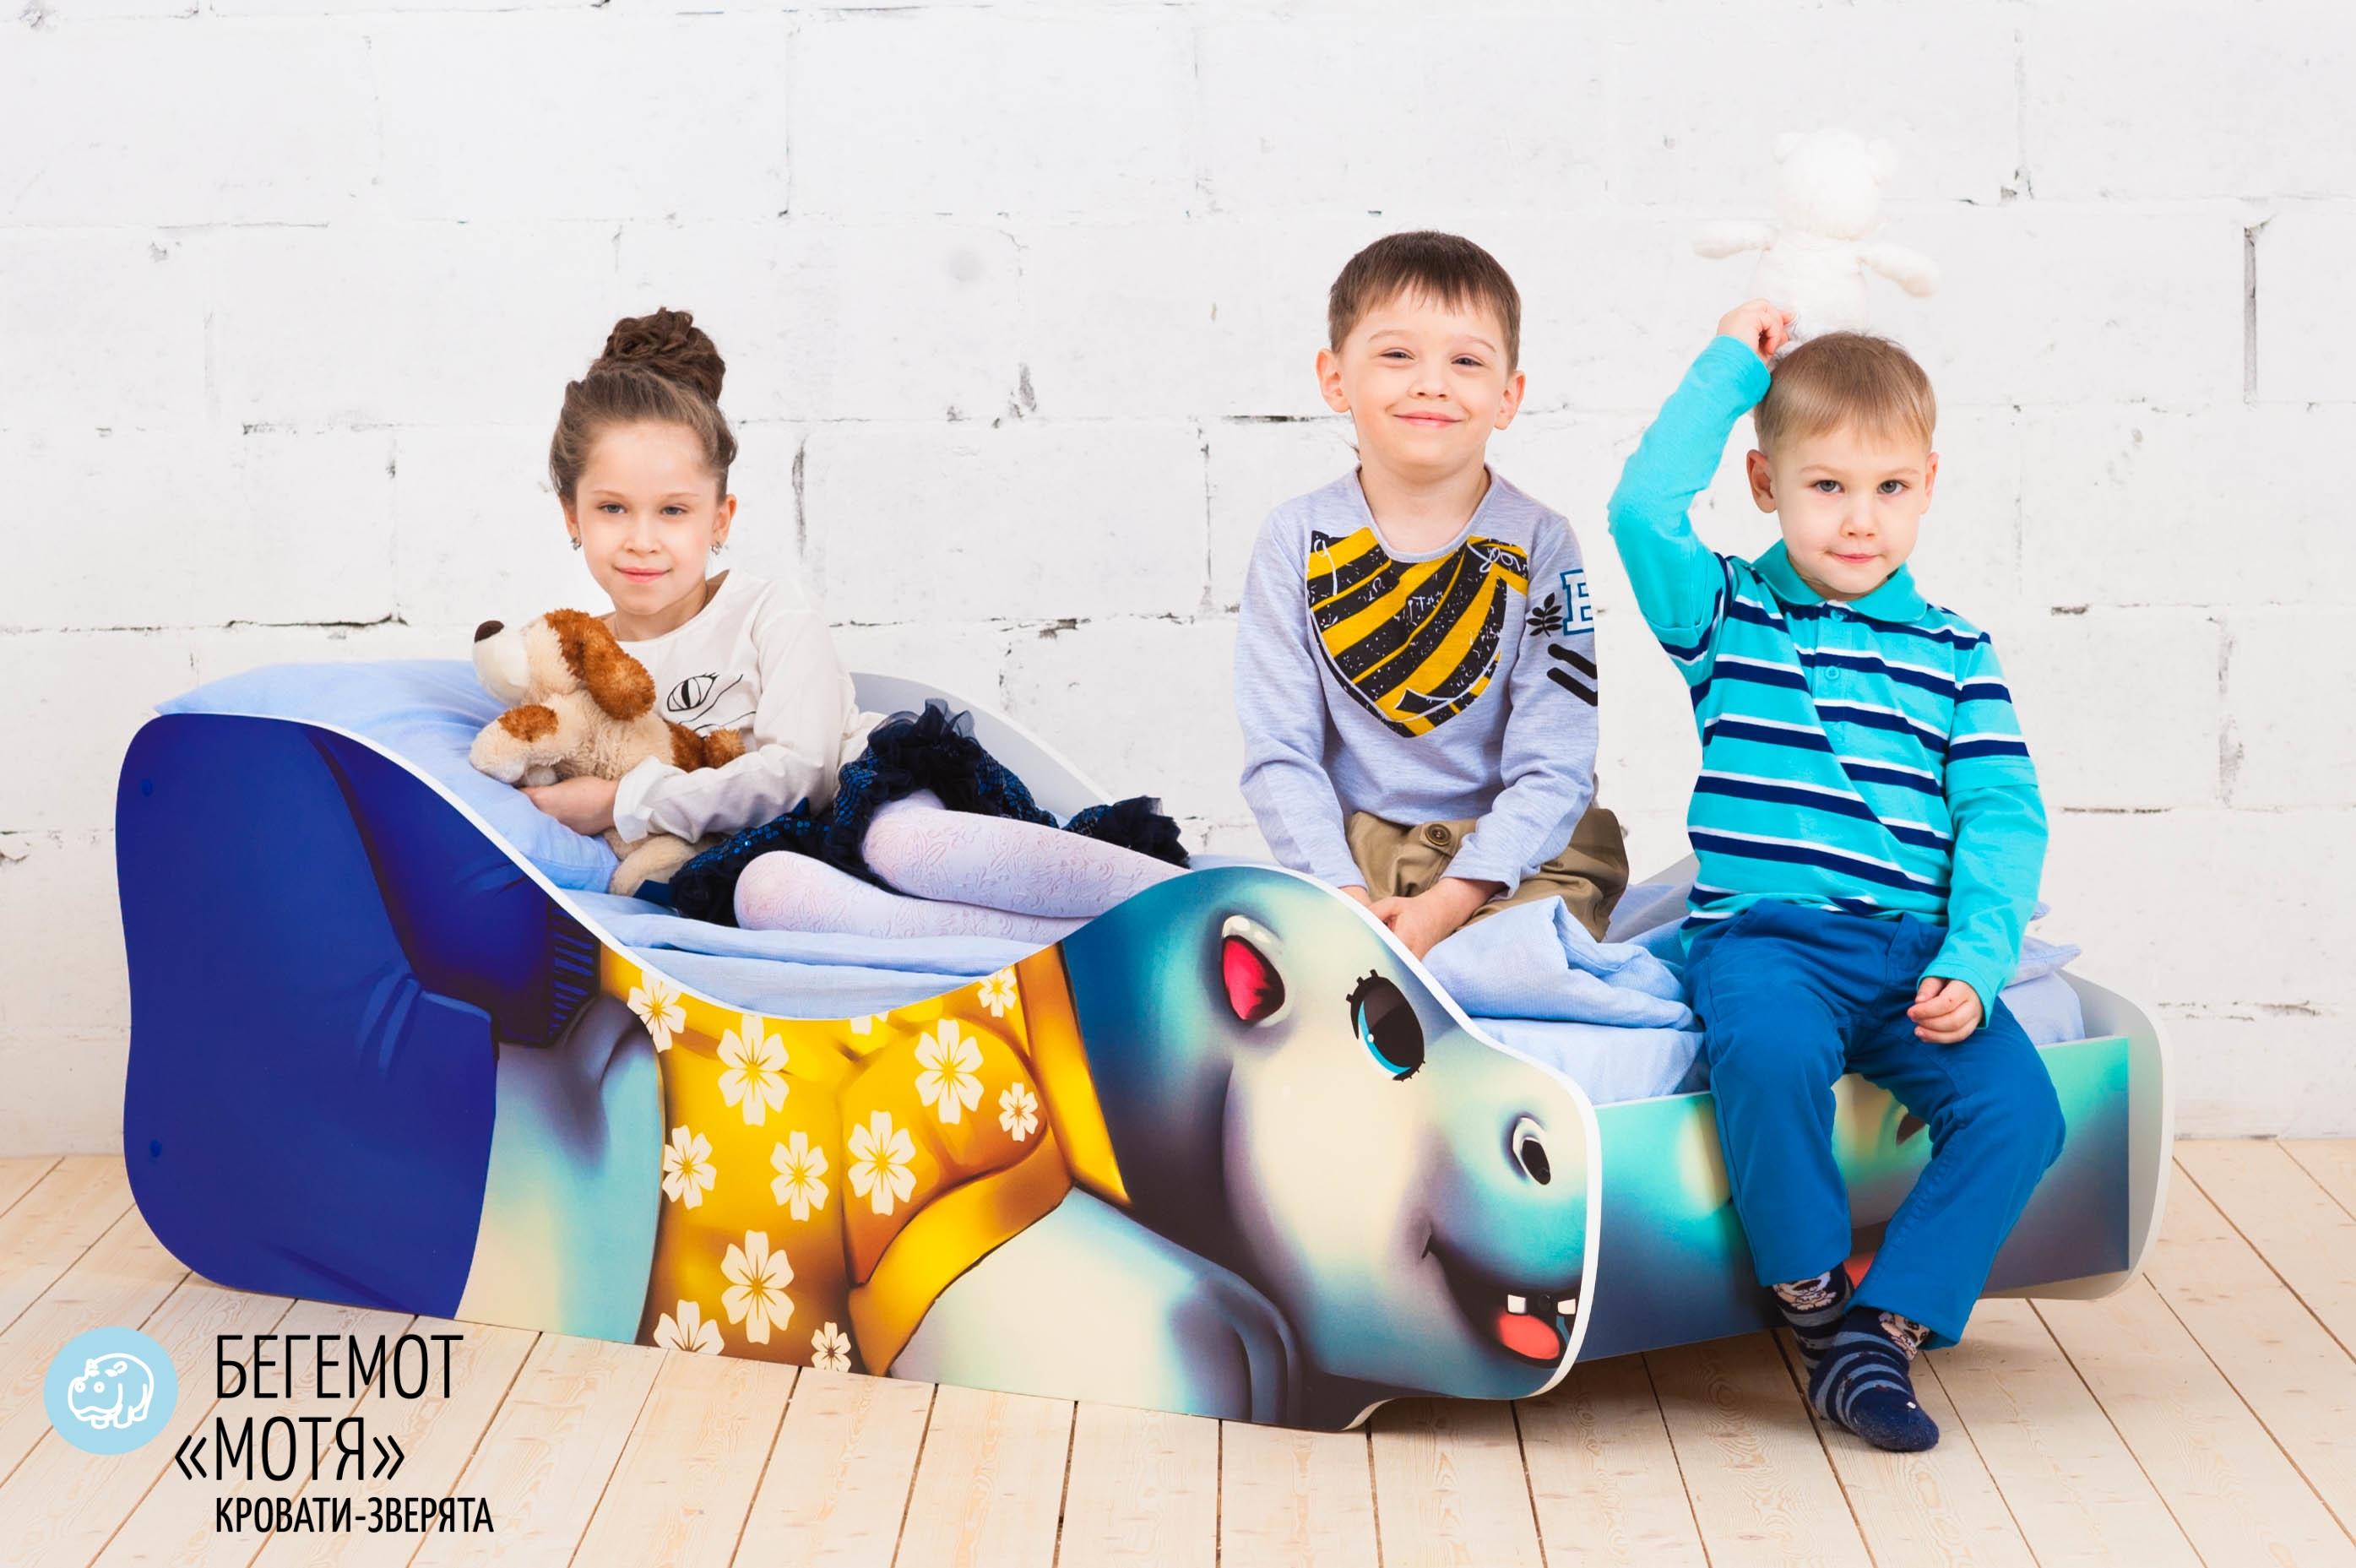 Детская кровать-зверенок -Бегемот-Мотя-7